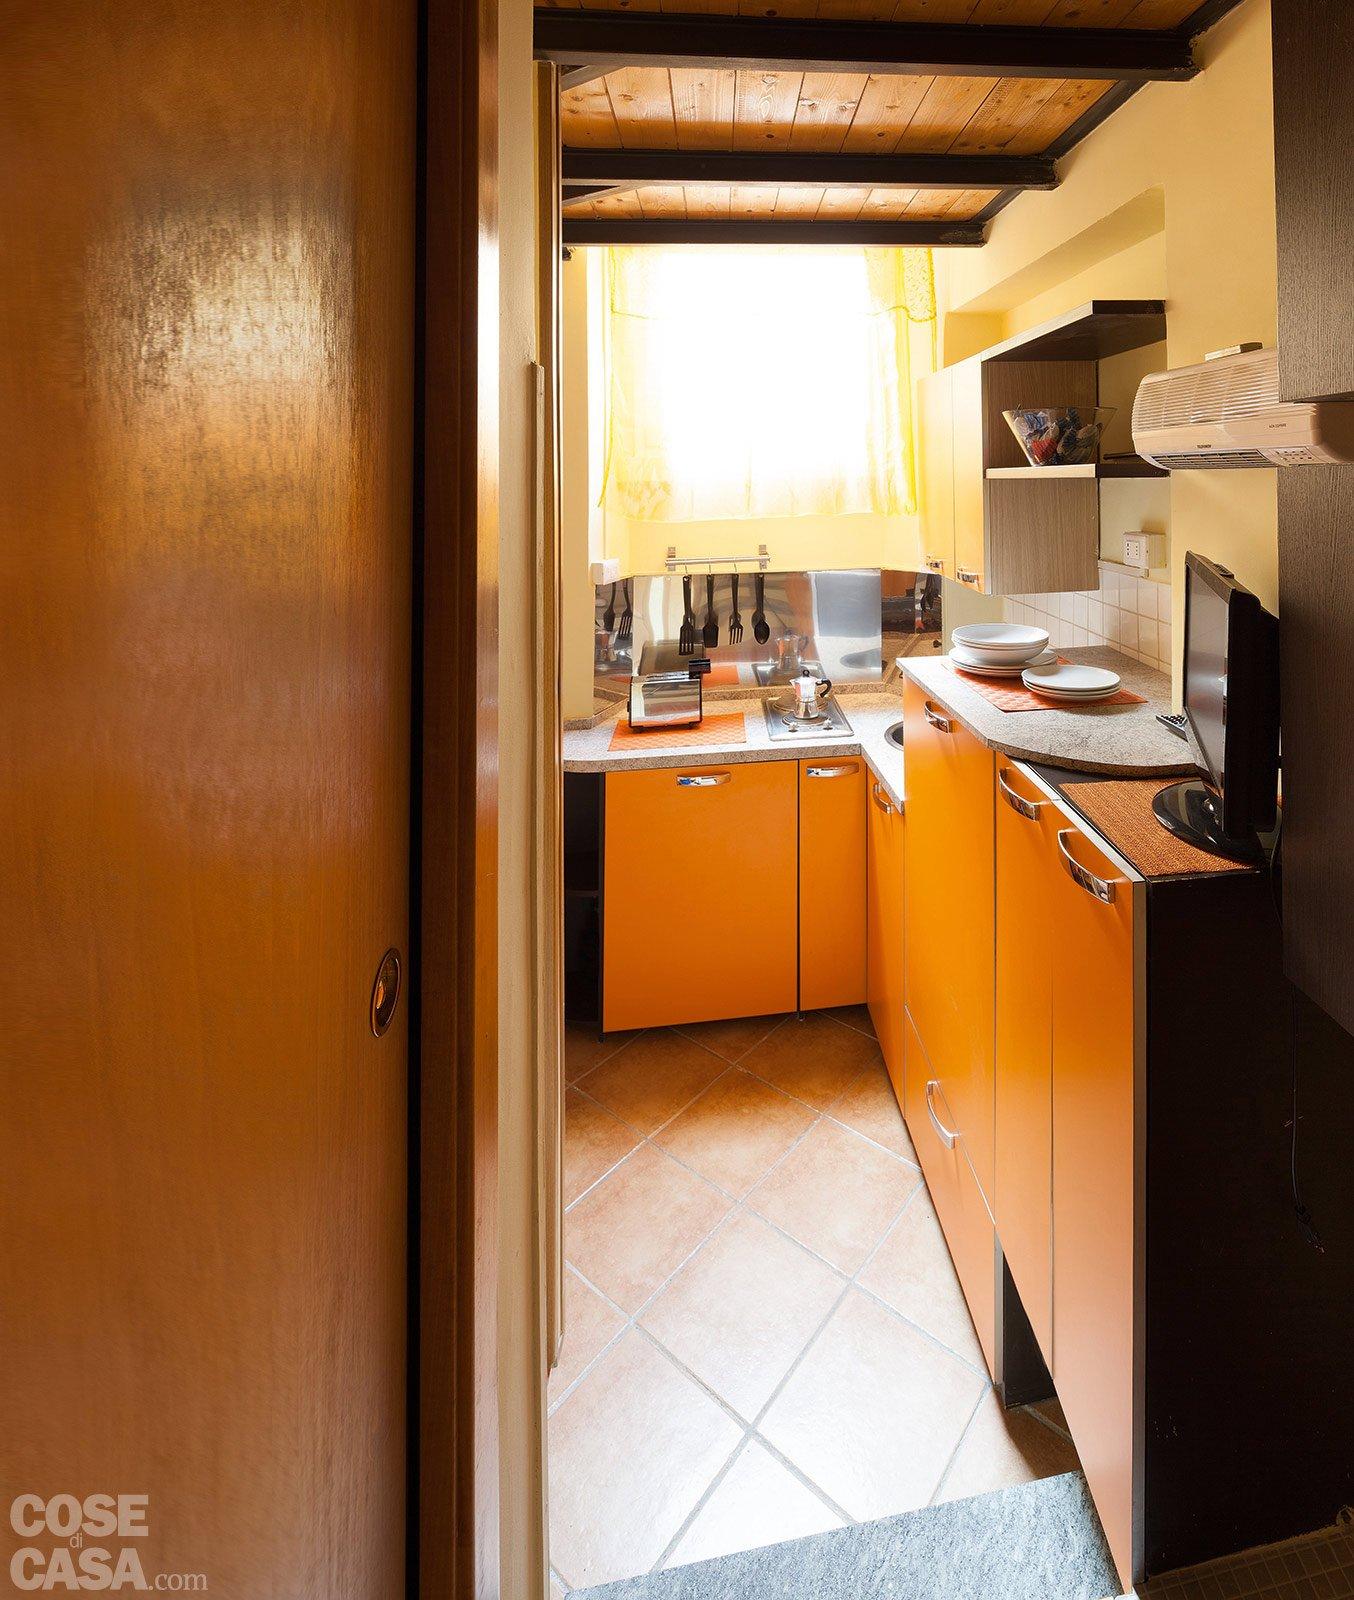 21 mq utilizzati al centimetro cose di casa - Cucine buone ...